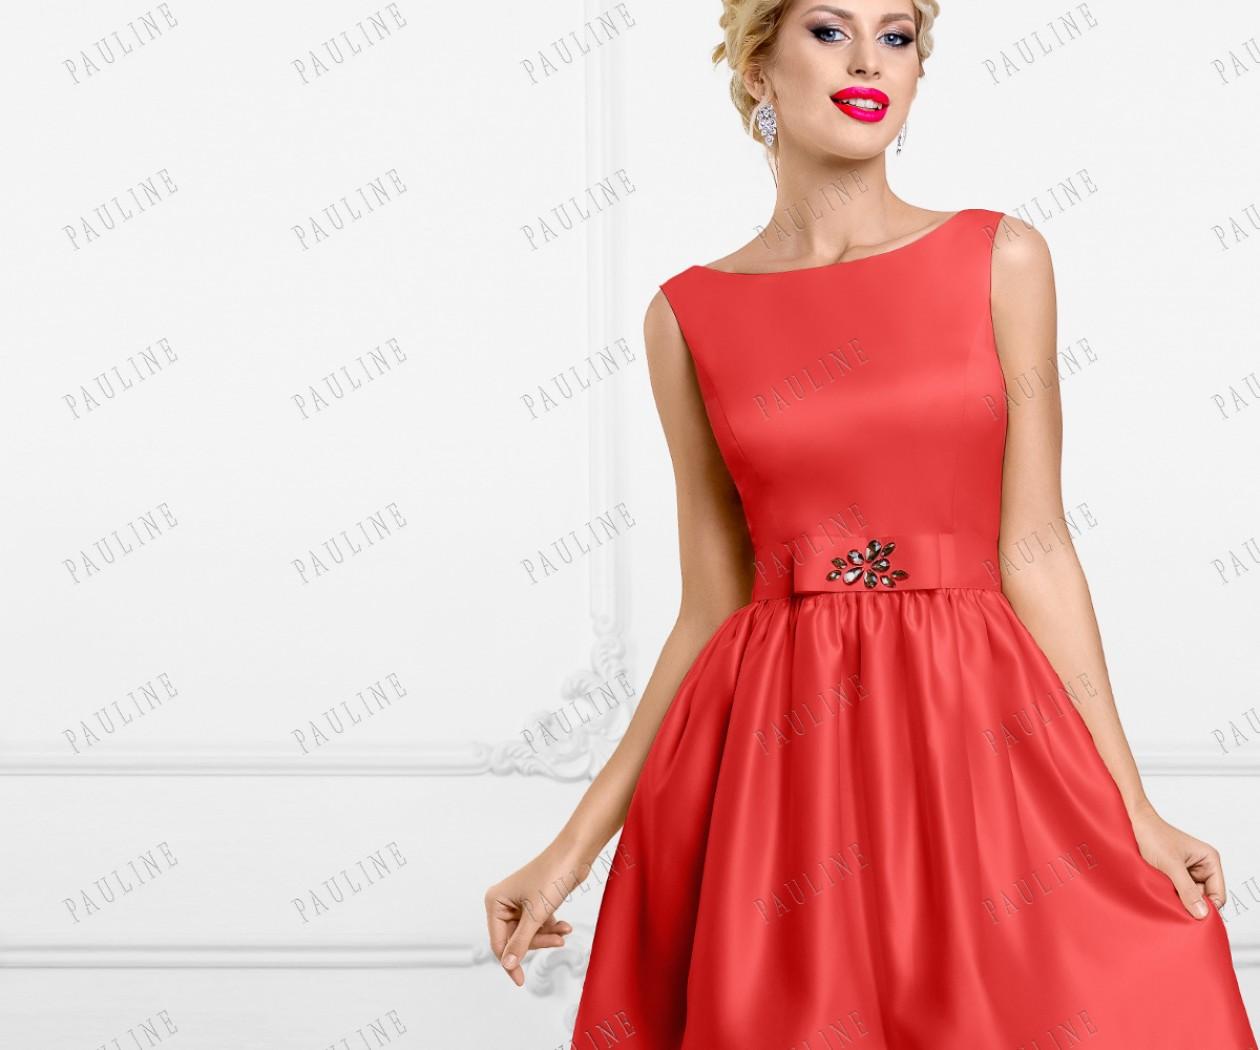 Кокетливое вечернее платье красного цвета КОРТНИ